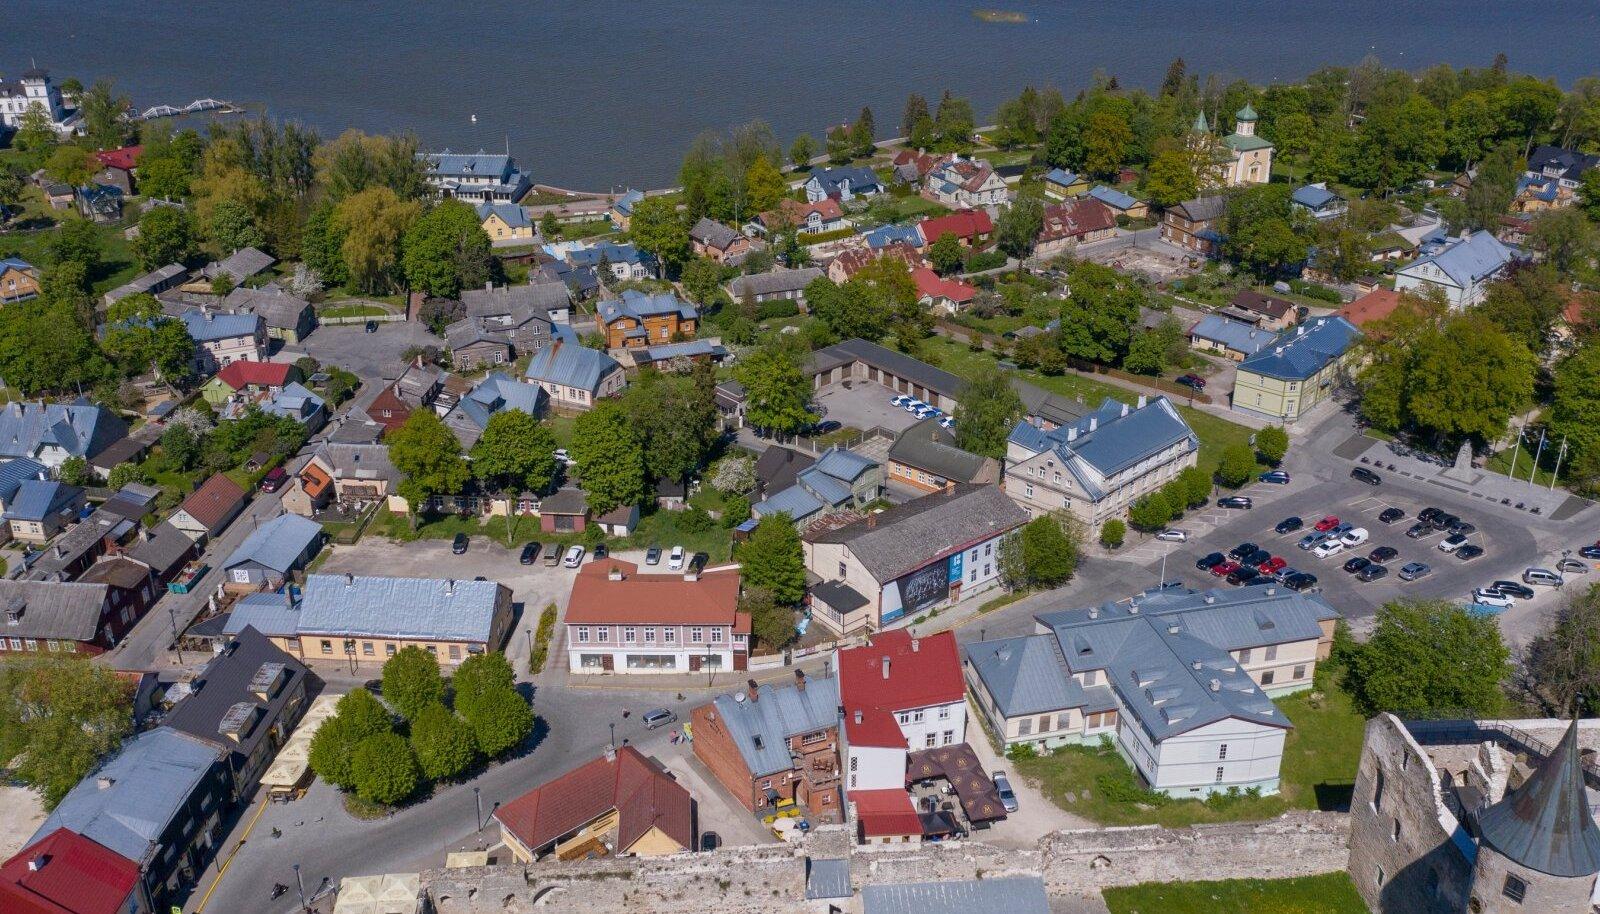 Rahuloluuuringus esikohal asub Muhu vald, esikümnes on Hiiumaa vald ja mõni koht tagapool pildil kujutatud Haapsalu linn.